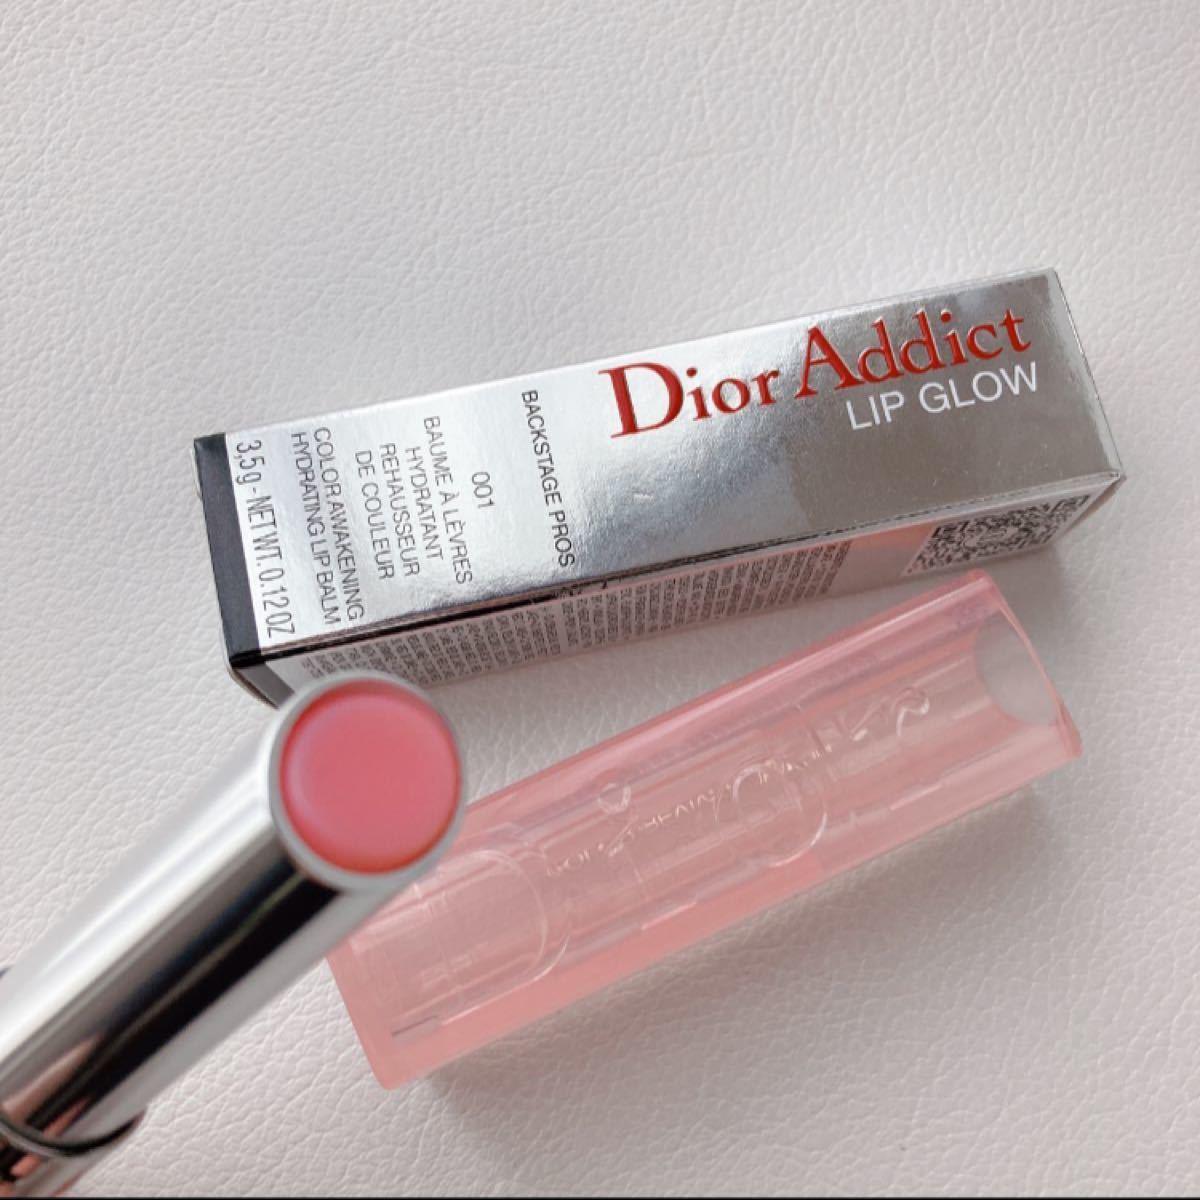 リップケアリップクリーム クリスチャンディオール DIOR ディオールアディクトリップグロウ #001 PINK ピンク